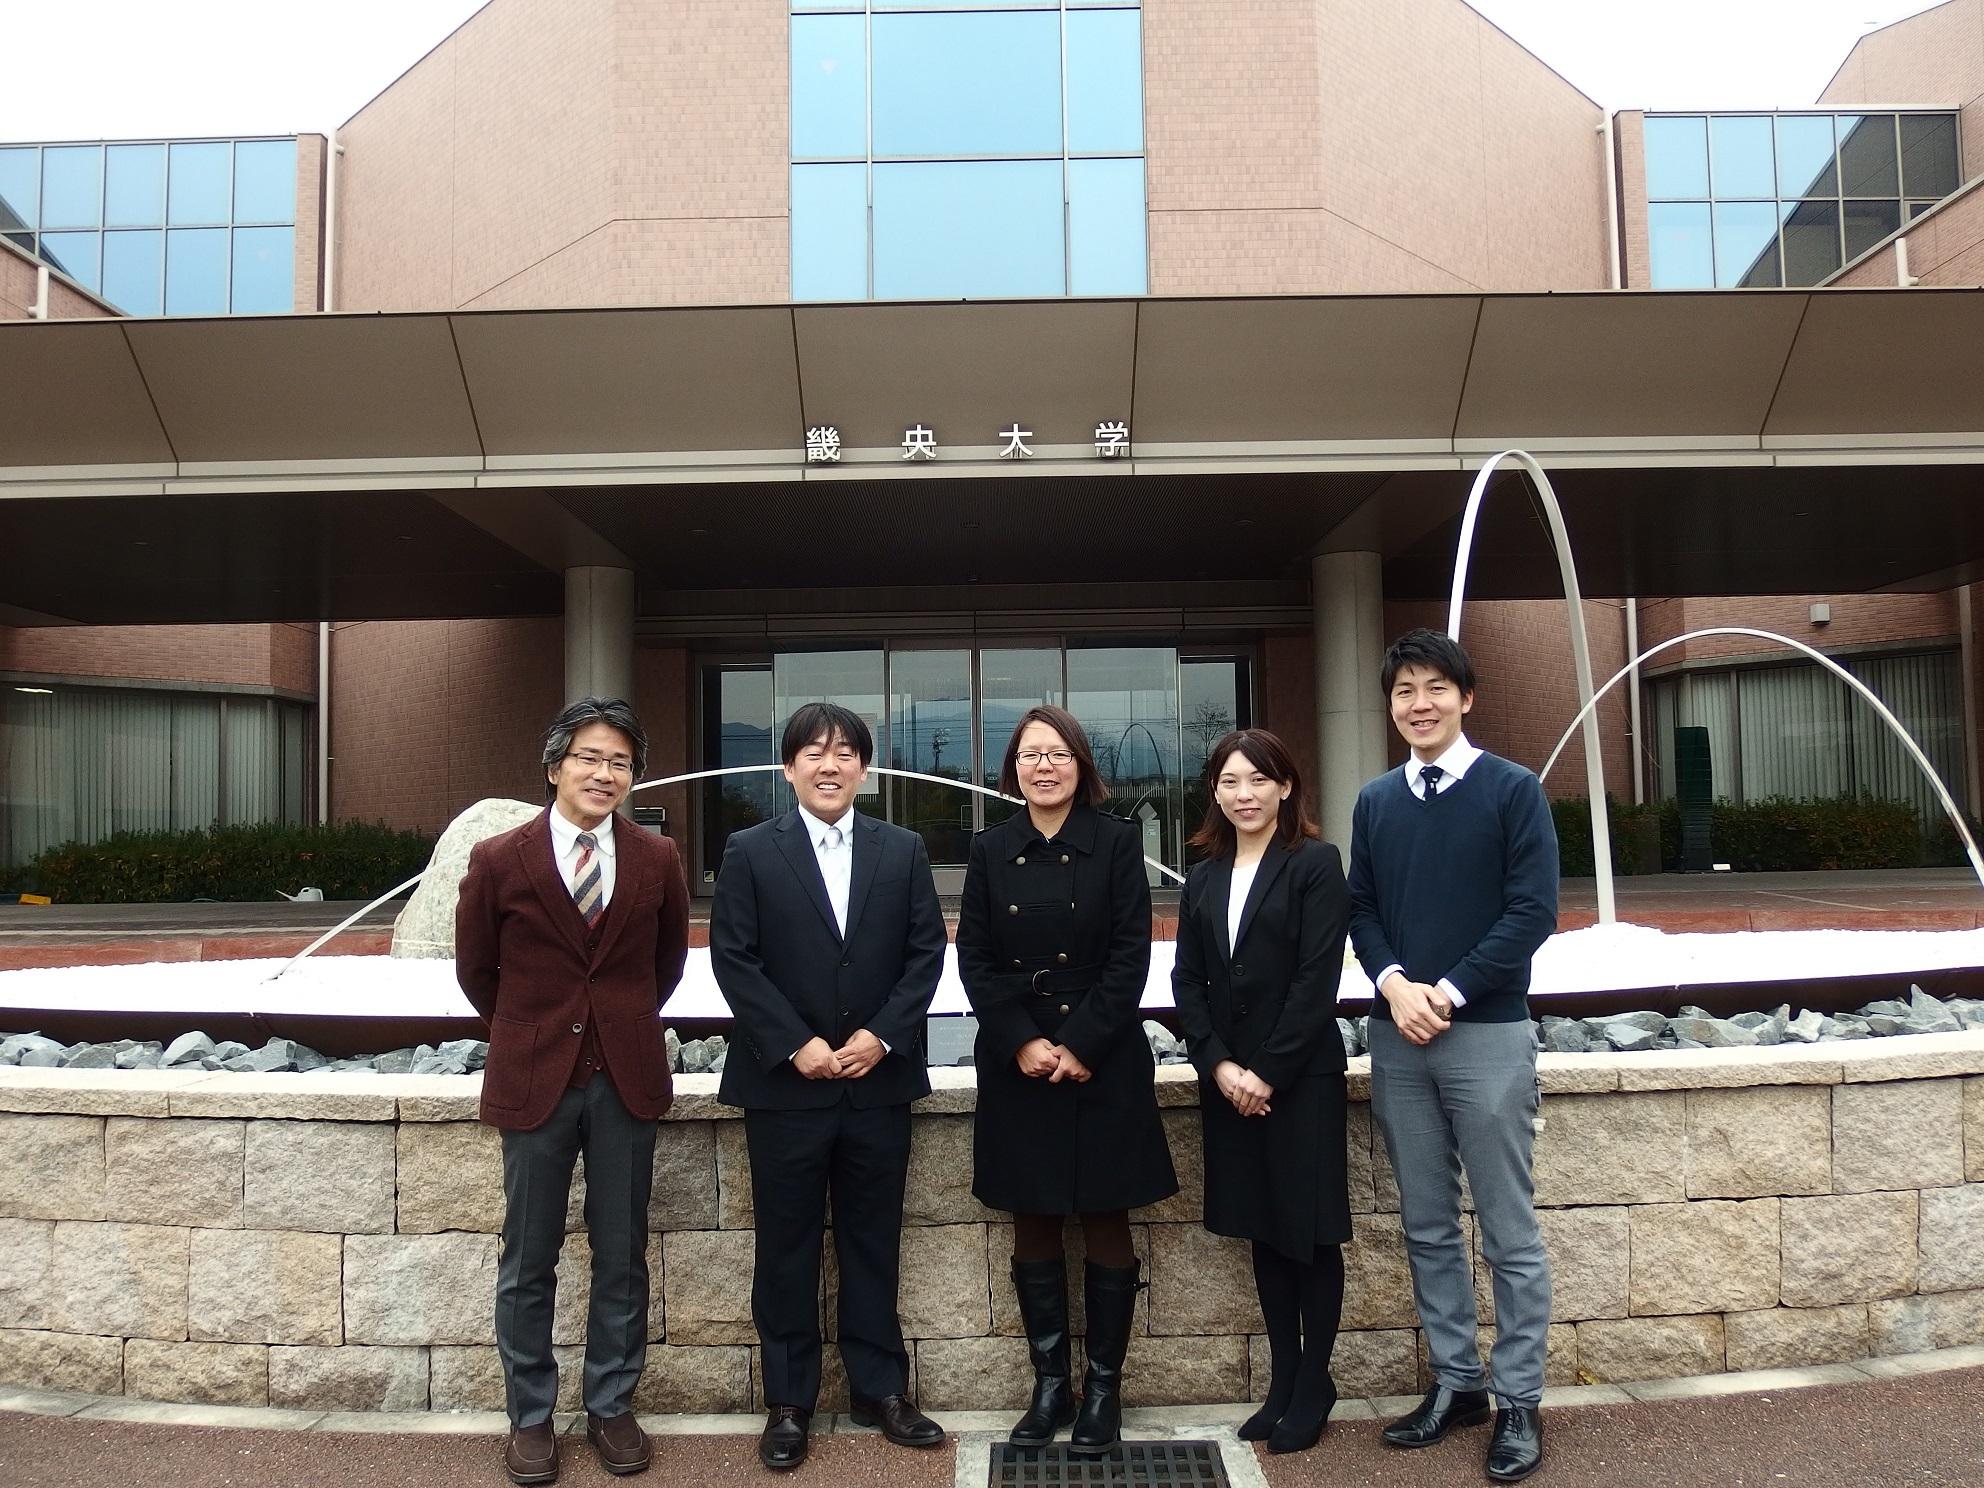 リハビリテーション・理学療法・運動の科学 中国医薬大学のYu-jung先生が来学されました!!